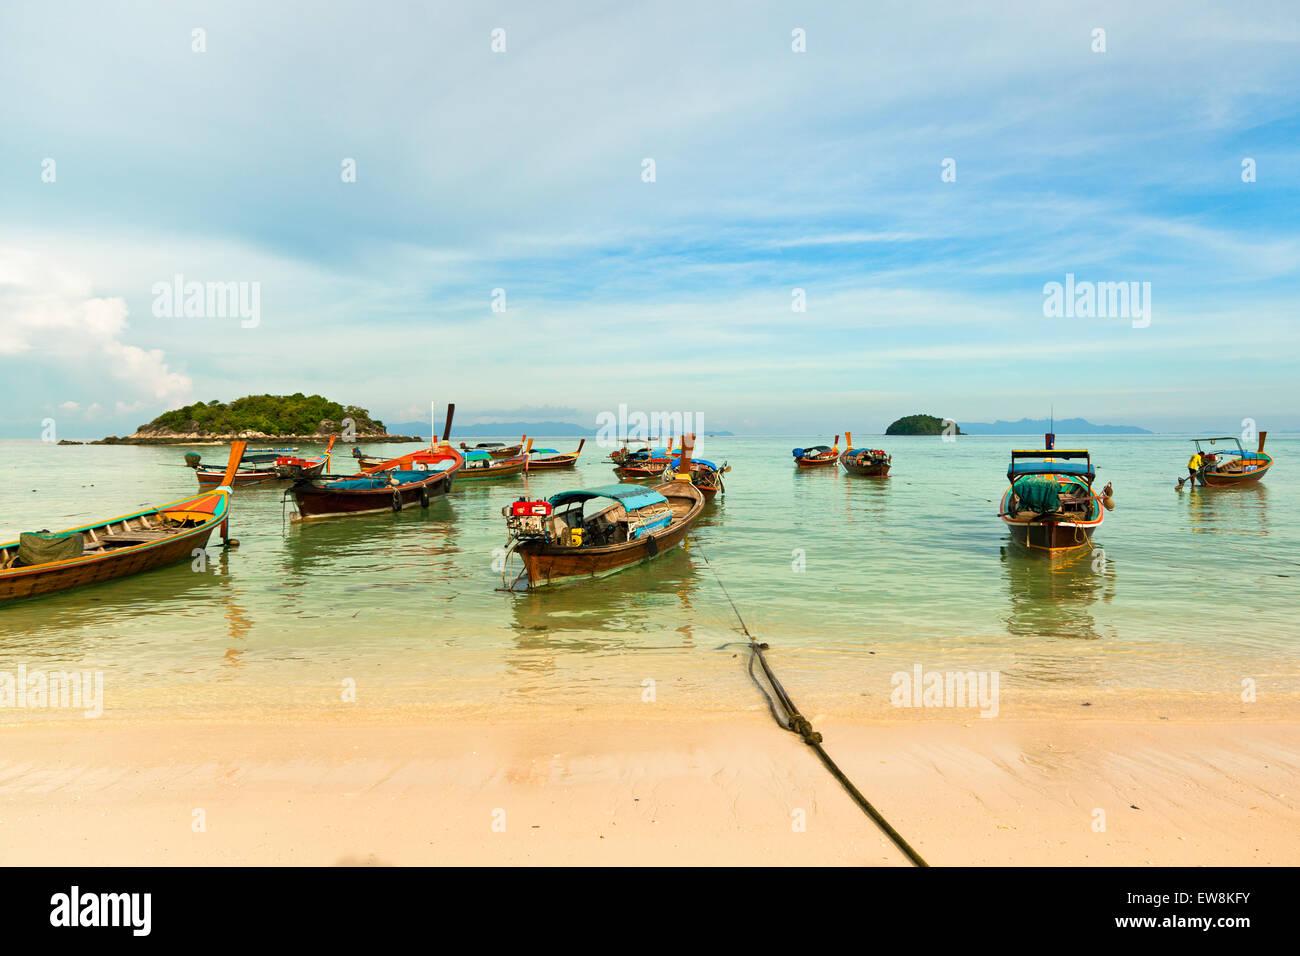 Tailandese tradizionale barche sulla spiaggia, Koh Lipe, Thailandia. Immagini Stock